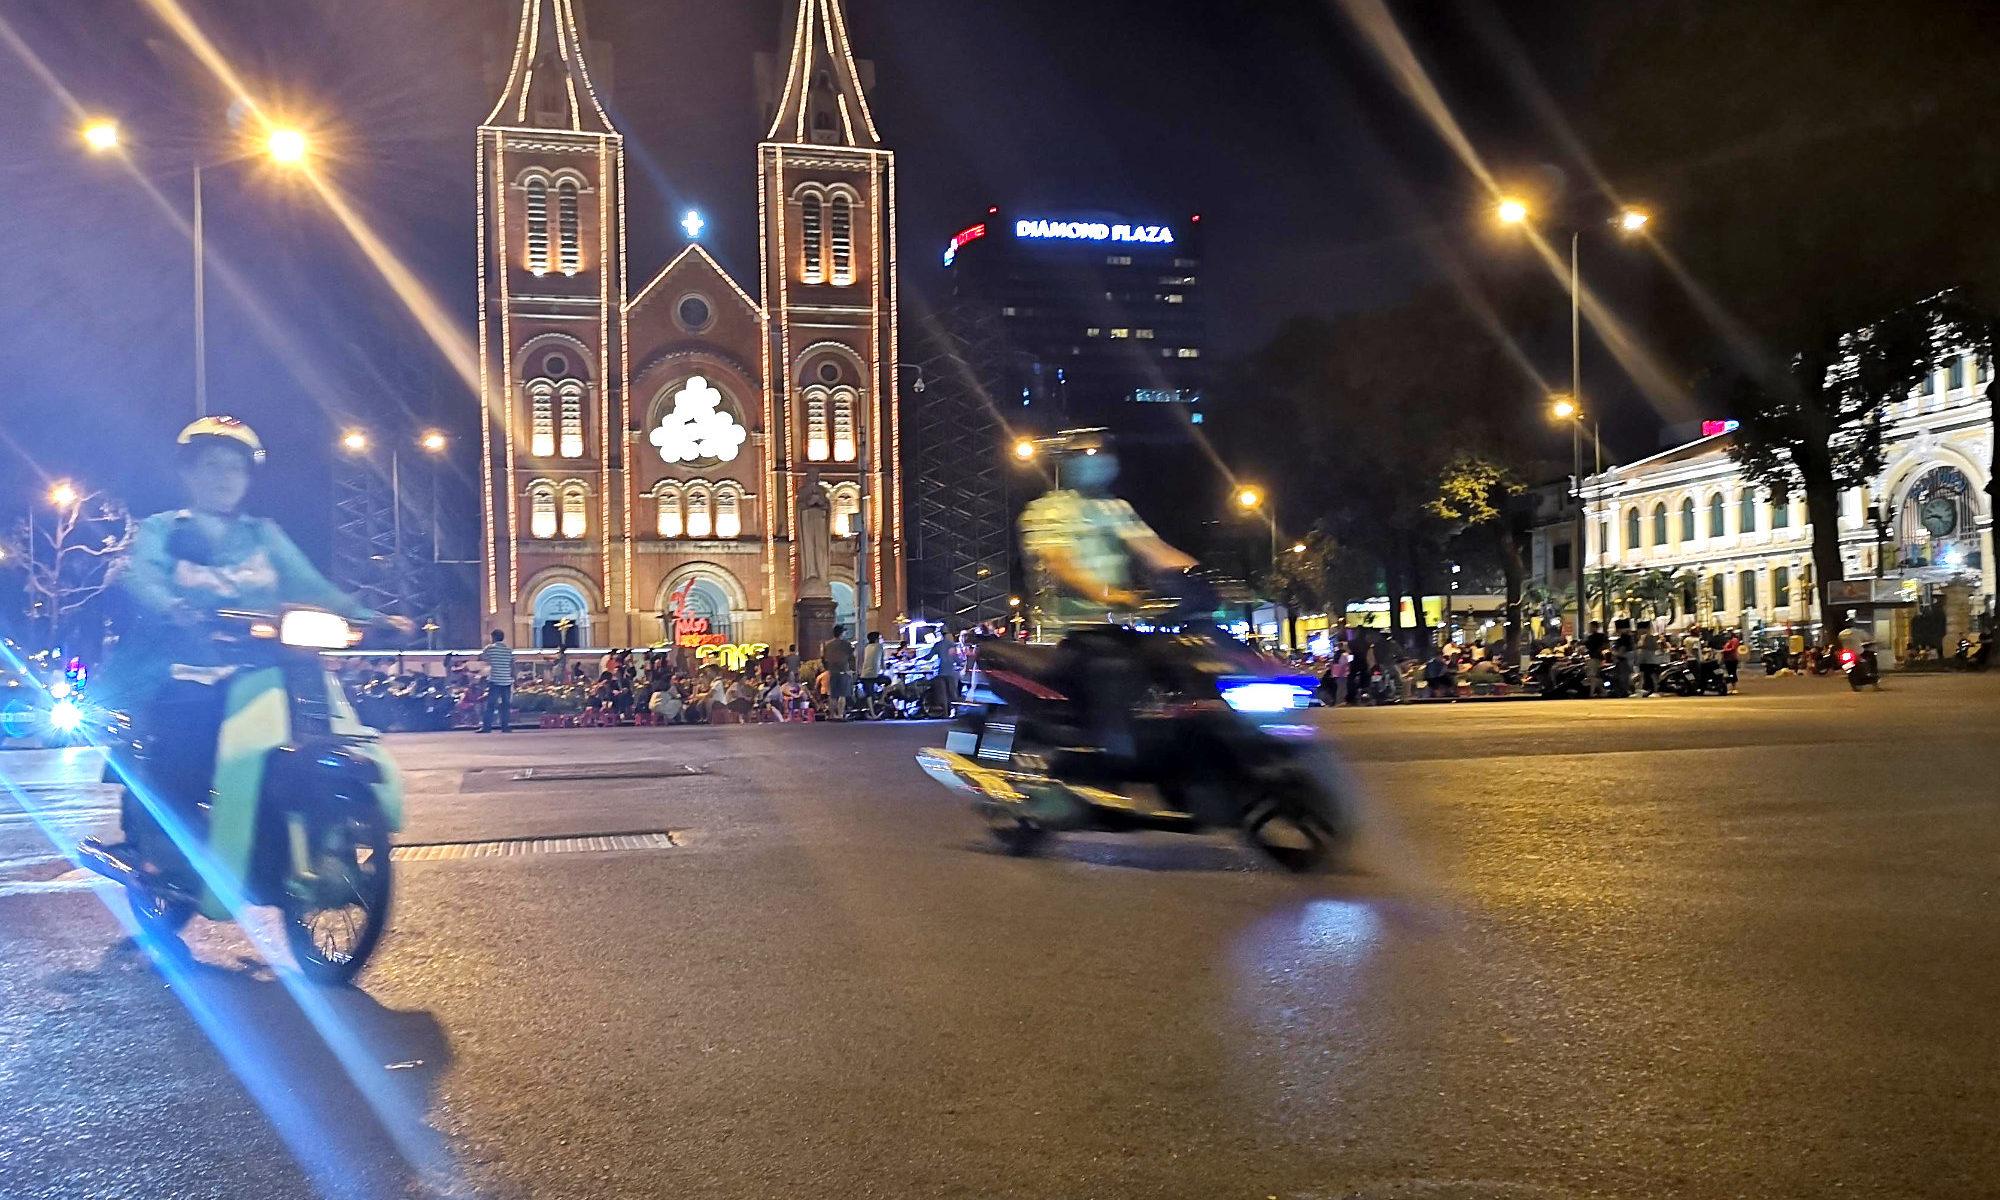 Notre Dame und alte Post, Kolonialgebäude von Saigon (HCMC)